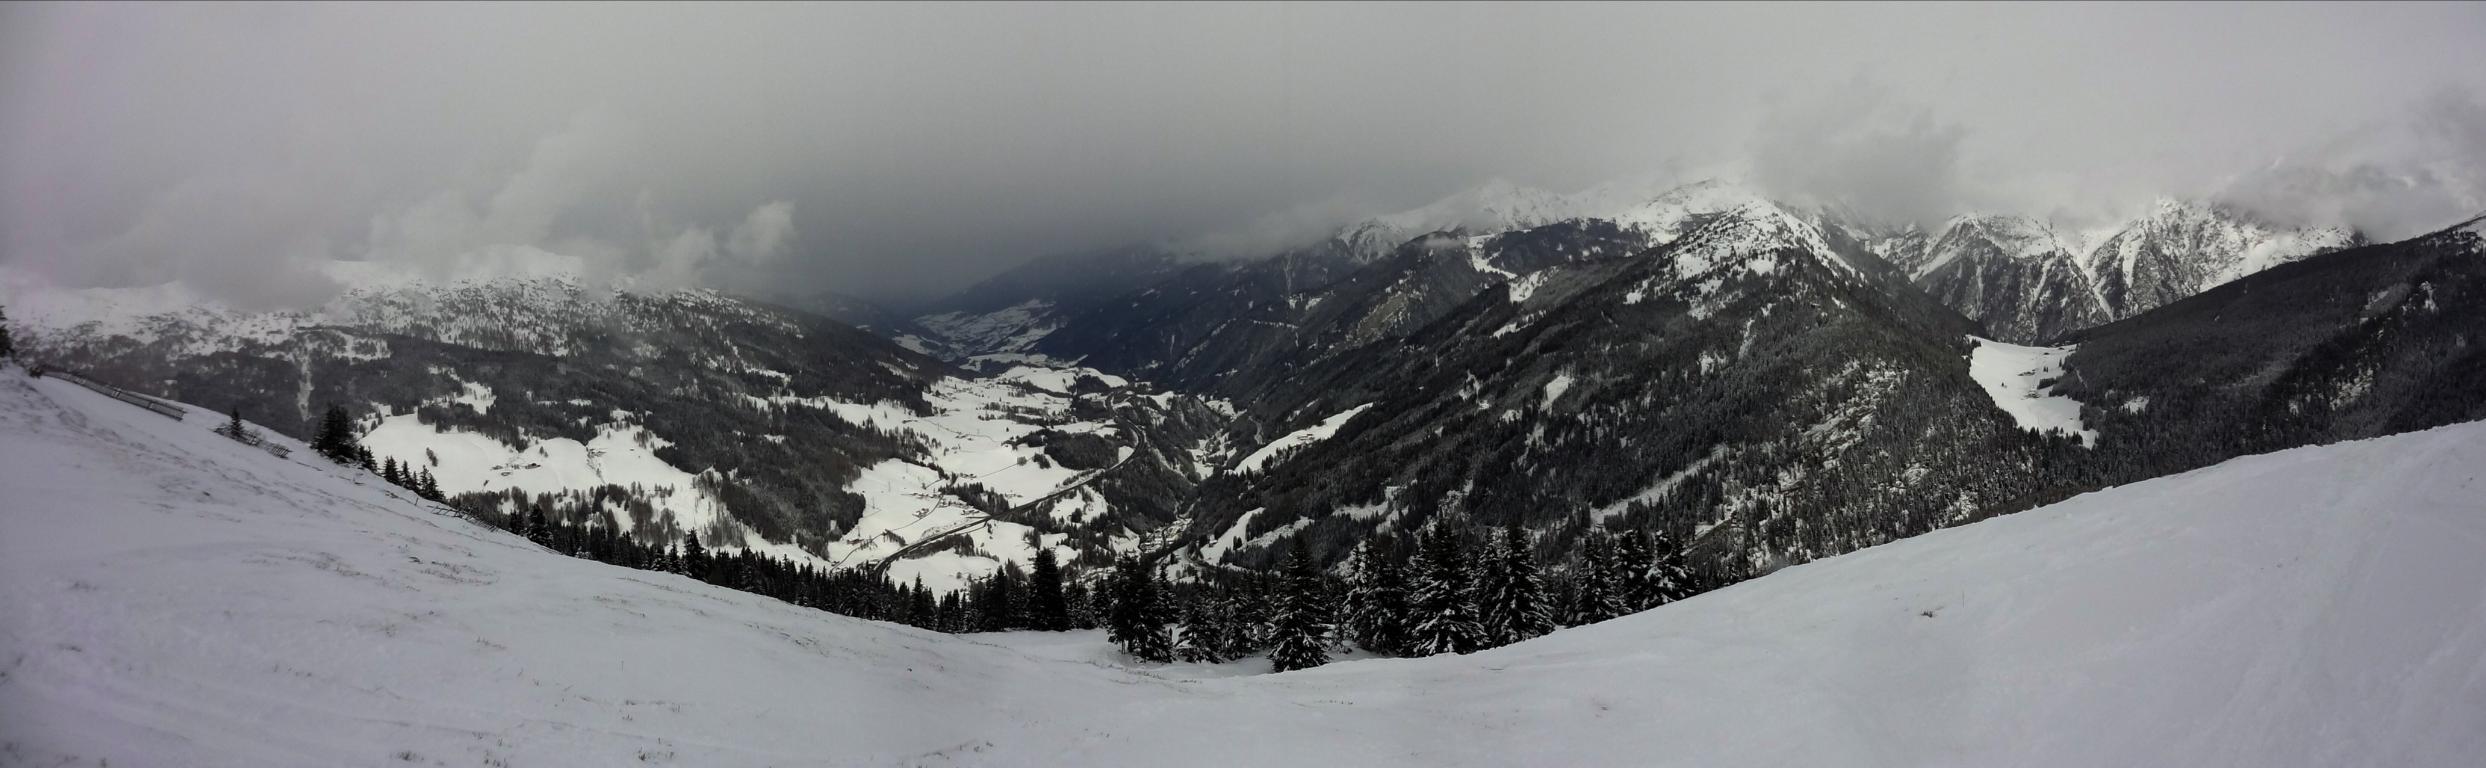 Sattelberg, 2115 m